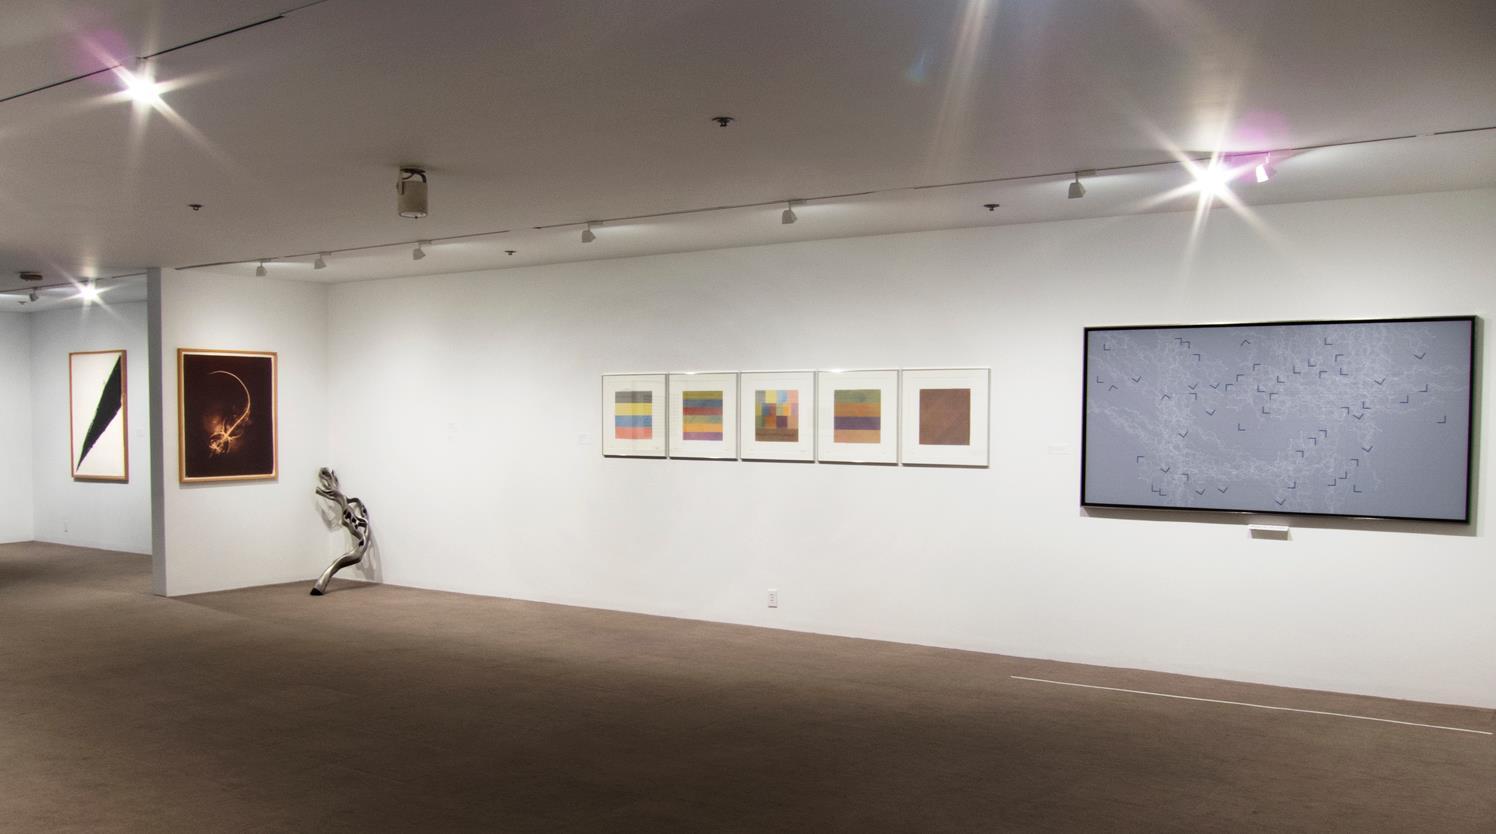 Richard Serra, Agnes Denes, Teeple, Sol Lewitt, Teeple